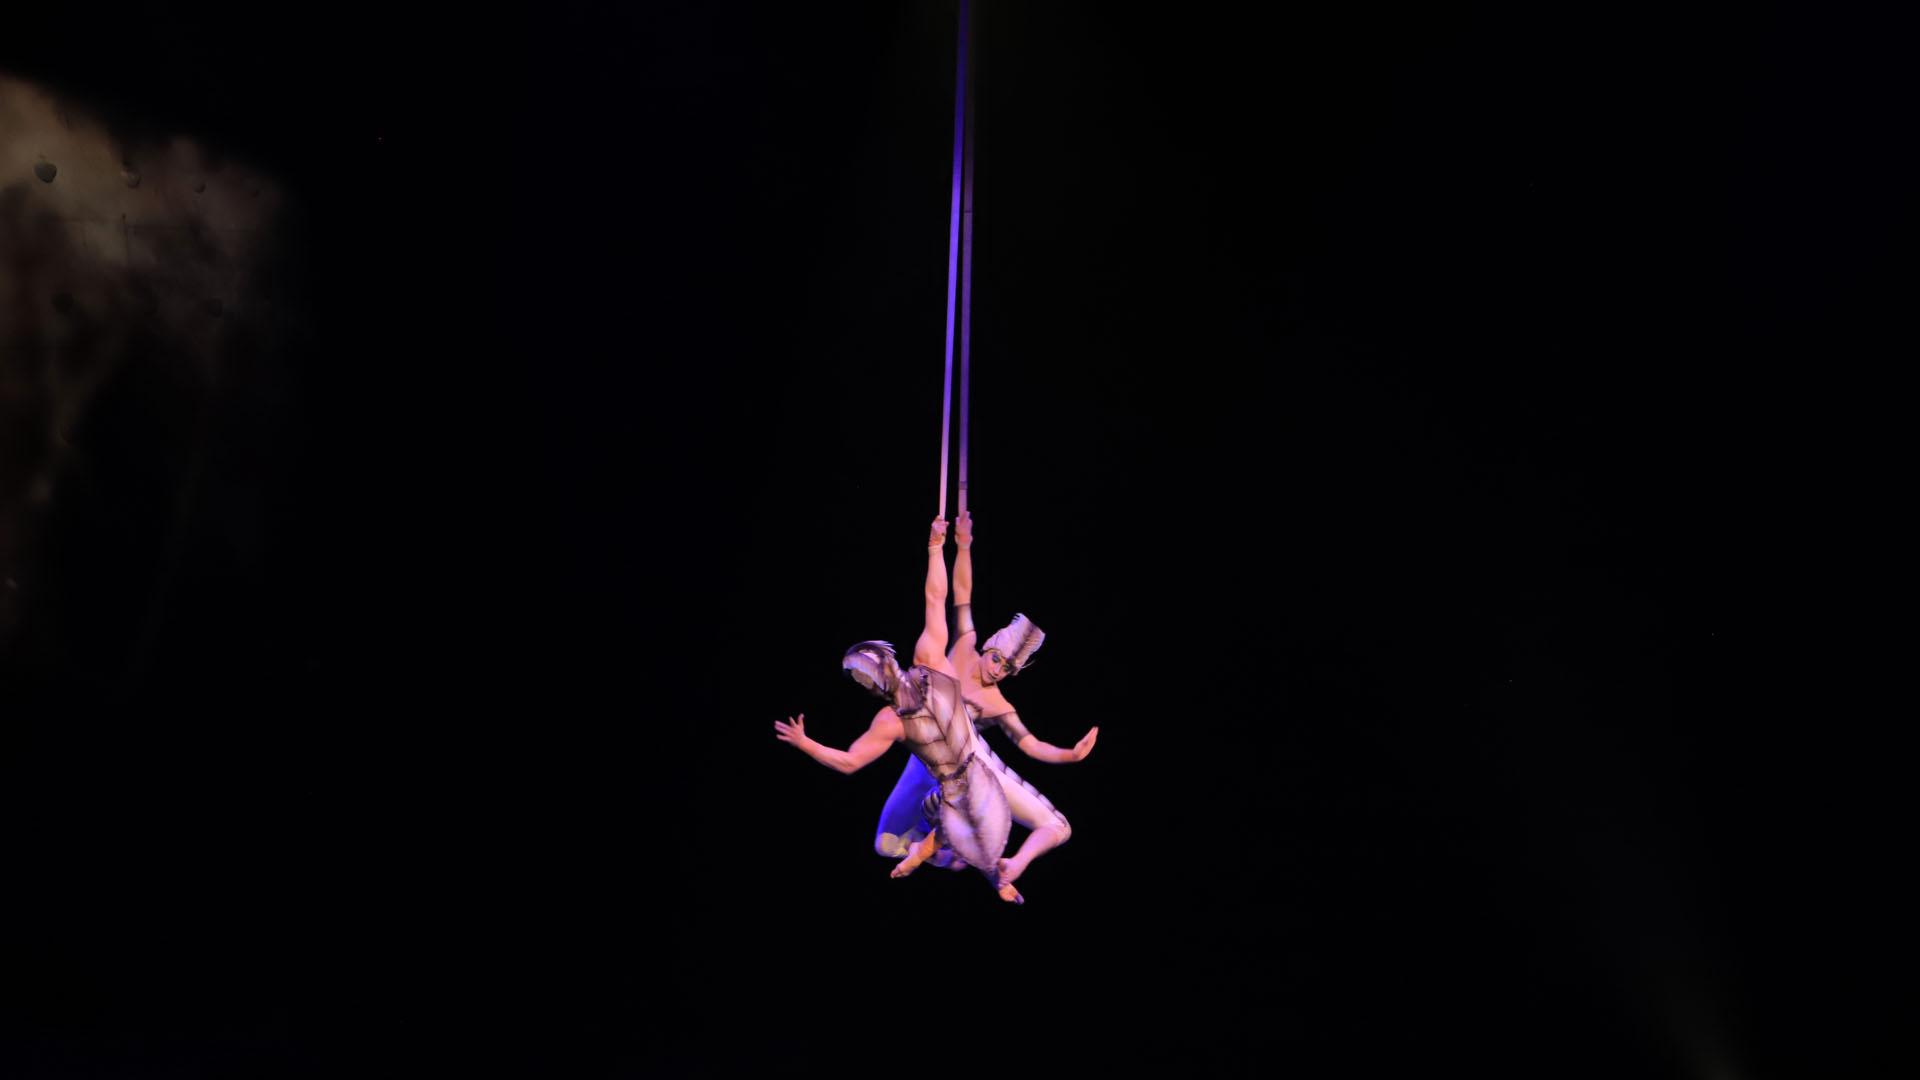 """Las acrobacias aéreas son el punto más alto y lo más festejado de """"OvO"""", el show del Cirque du Soleil que está girando por Sudamérica (Lihueel Althabe)"""